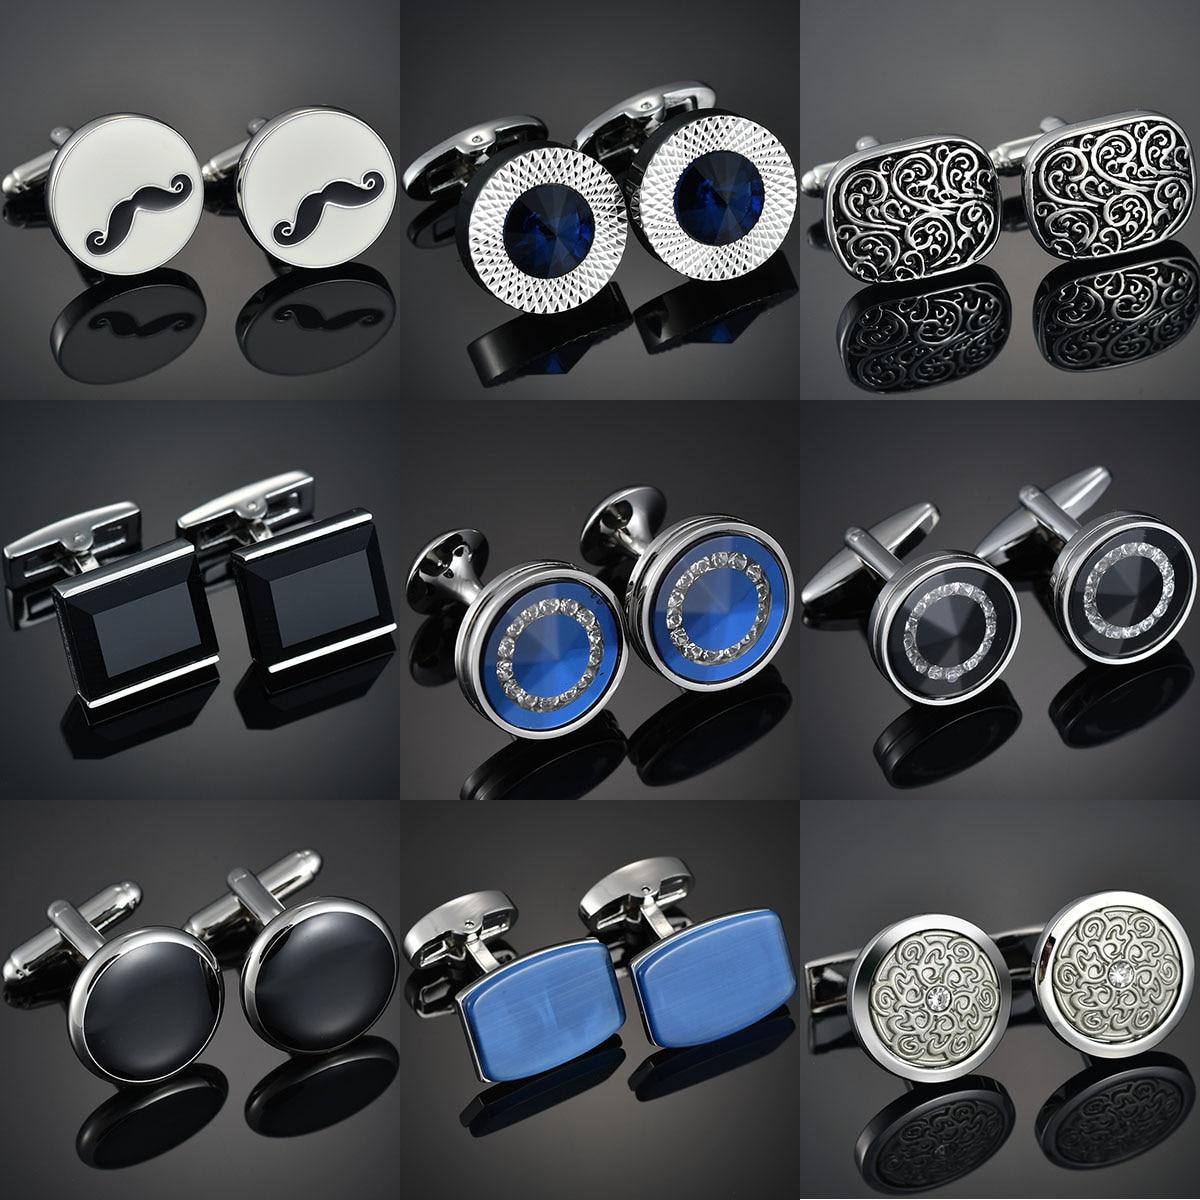 High-end Men's Shirts Cufflinks Luxury Design Silver Round Blue Crystal Cufflinks Gemelos Para Hombre Camisa Bouton Manchette